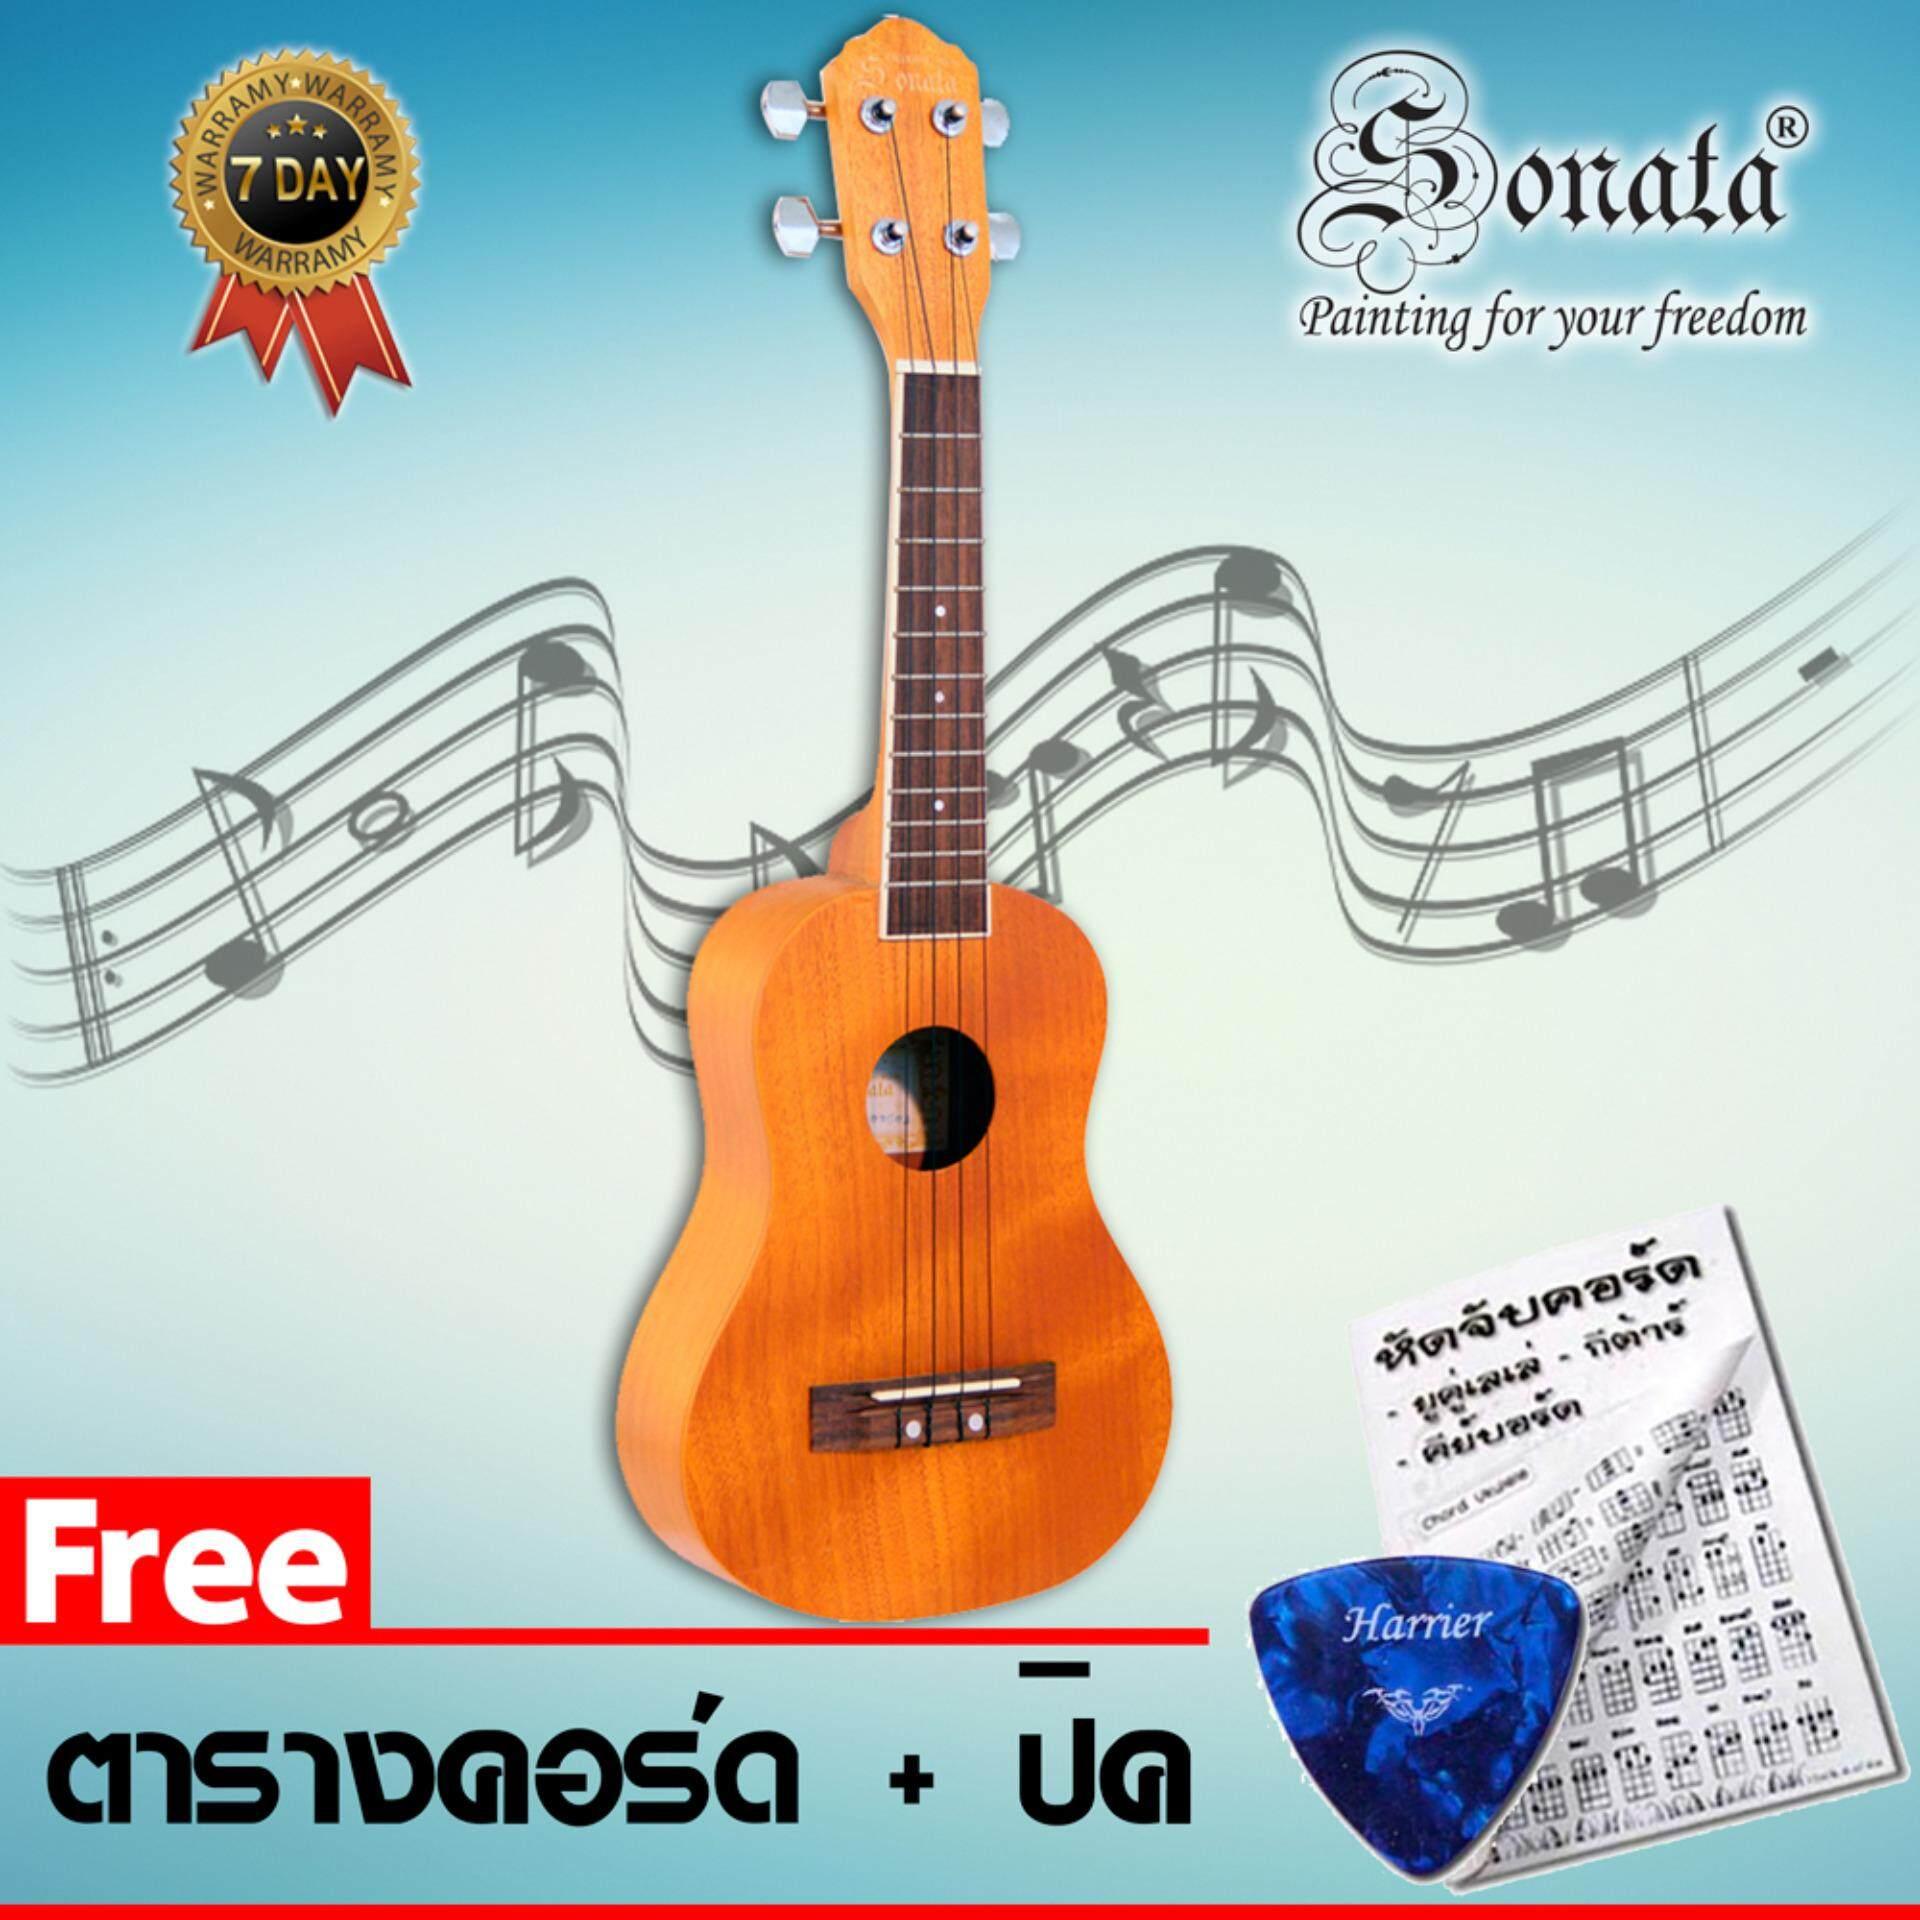 ราคา Sonata Ukulele อูคูเลเล่ ไม้ มาฮอกกานี คอนเสิร์ต สีไม้ ขนาด 24 นิ้ว แถมฟรี ตารางคอร์ดอูคูเลเล่ ปิคอูคูเลเล่ Sonata เป็นต้นฉบับ